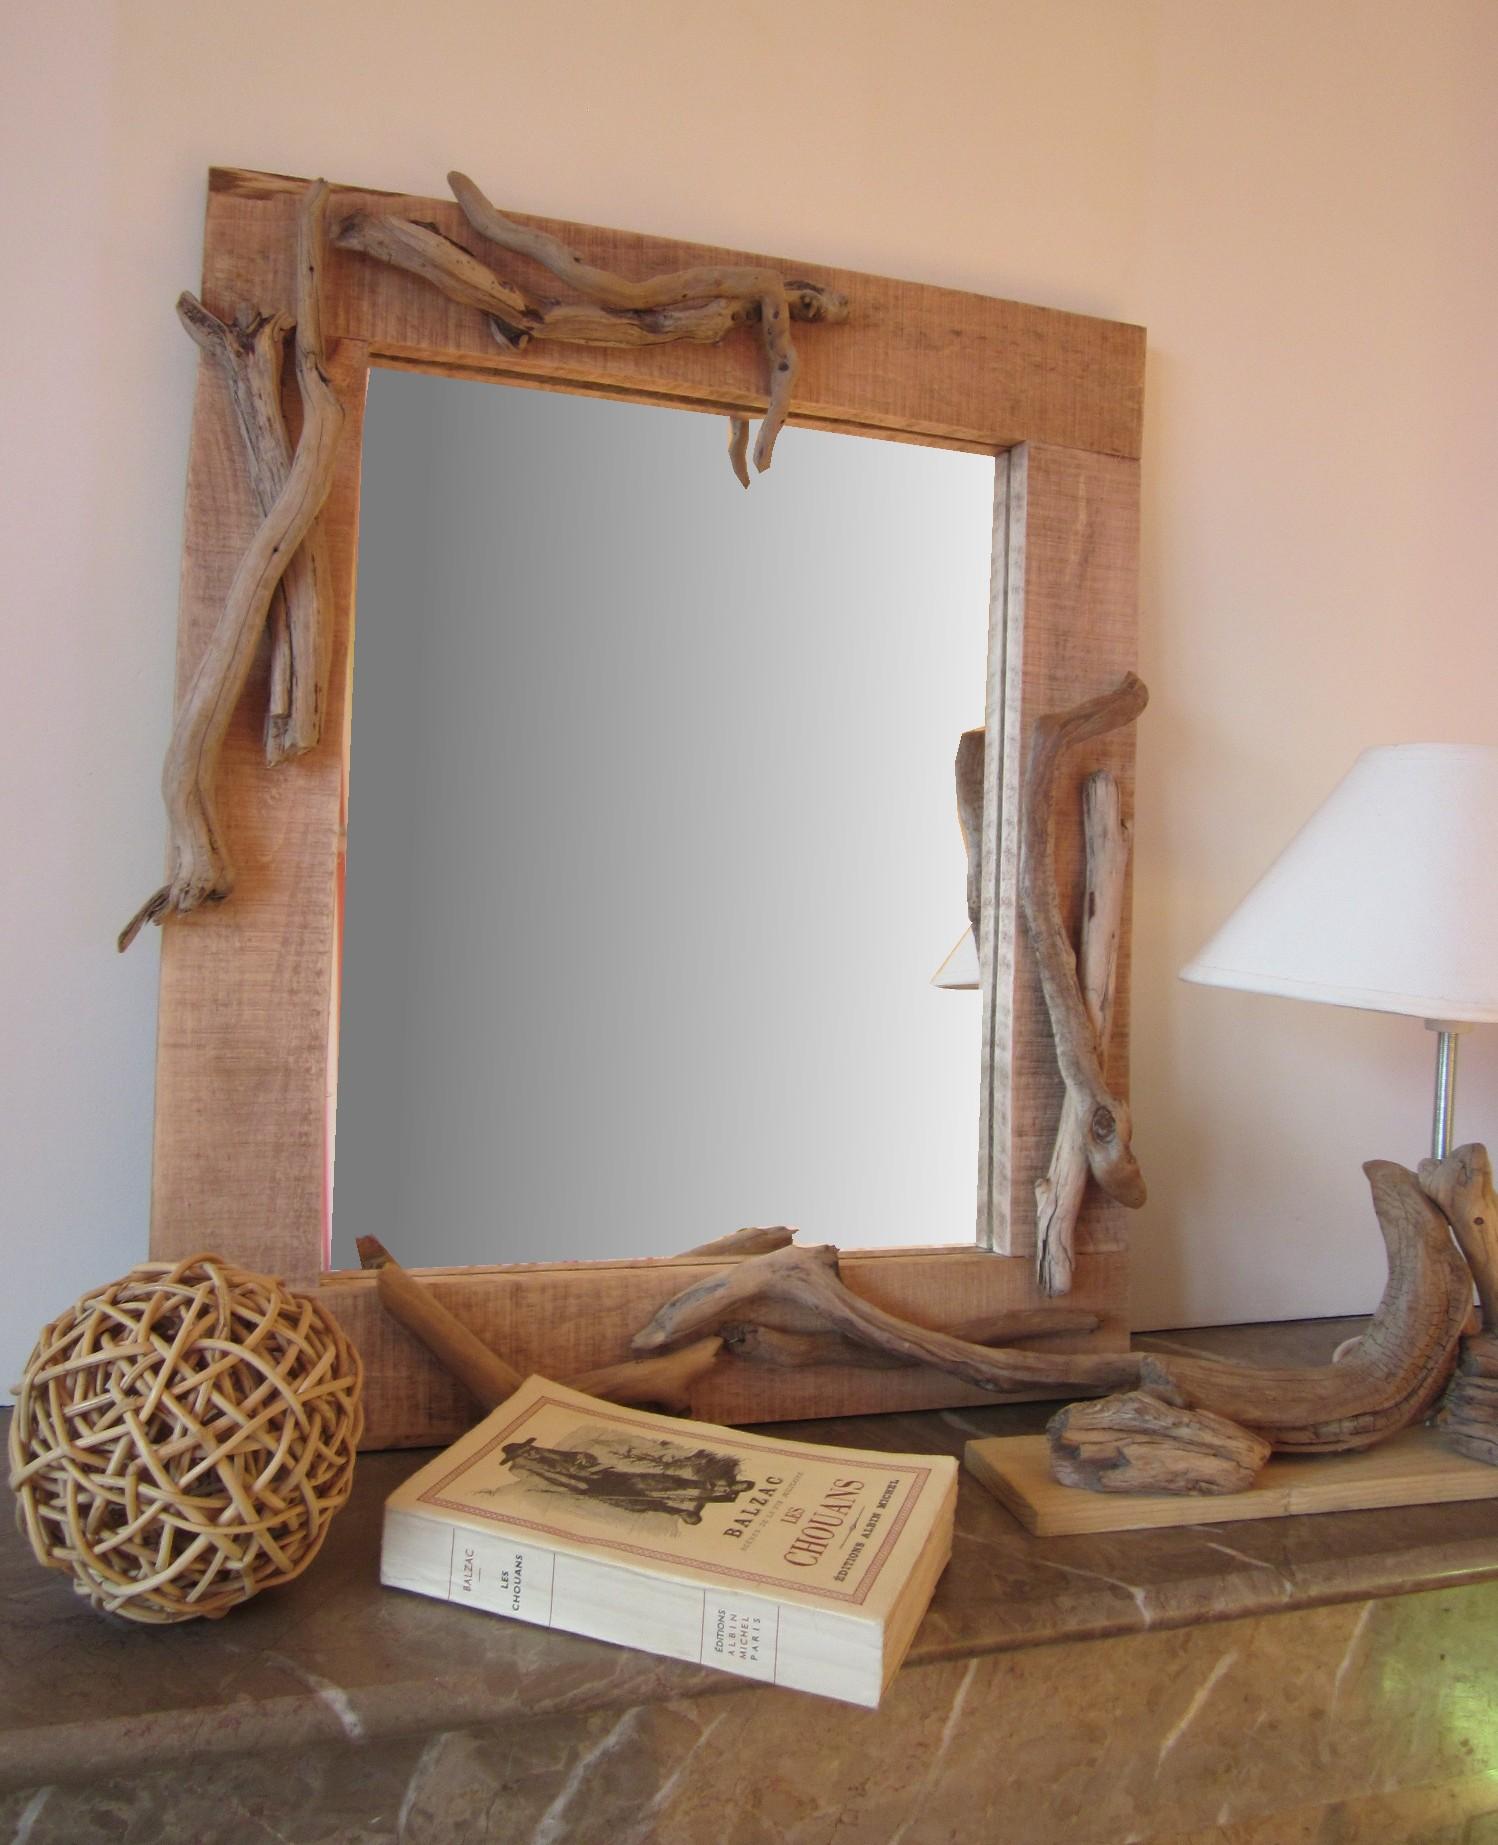 Que Faire Avec Bois Flotté fabriquer un miroir en bois flotté – réveillez vos meubles !